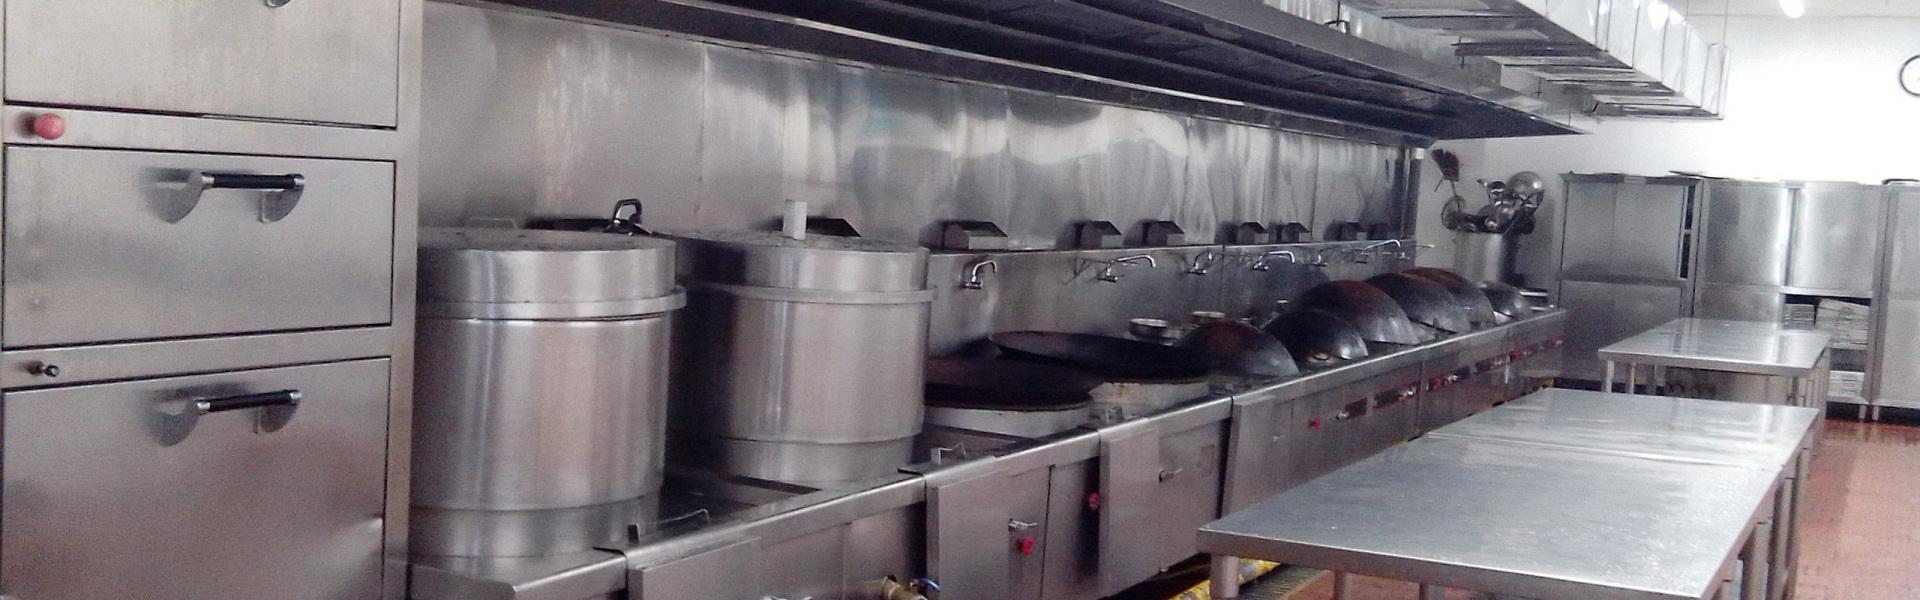 不锈钢厨房设备展厅